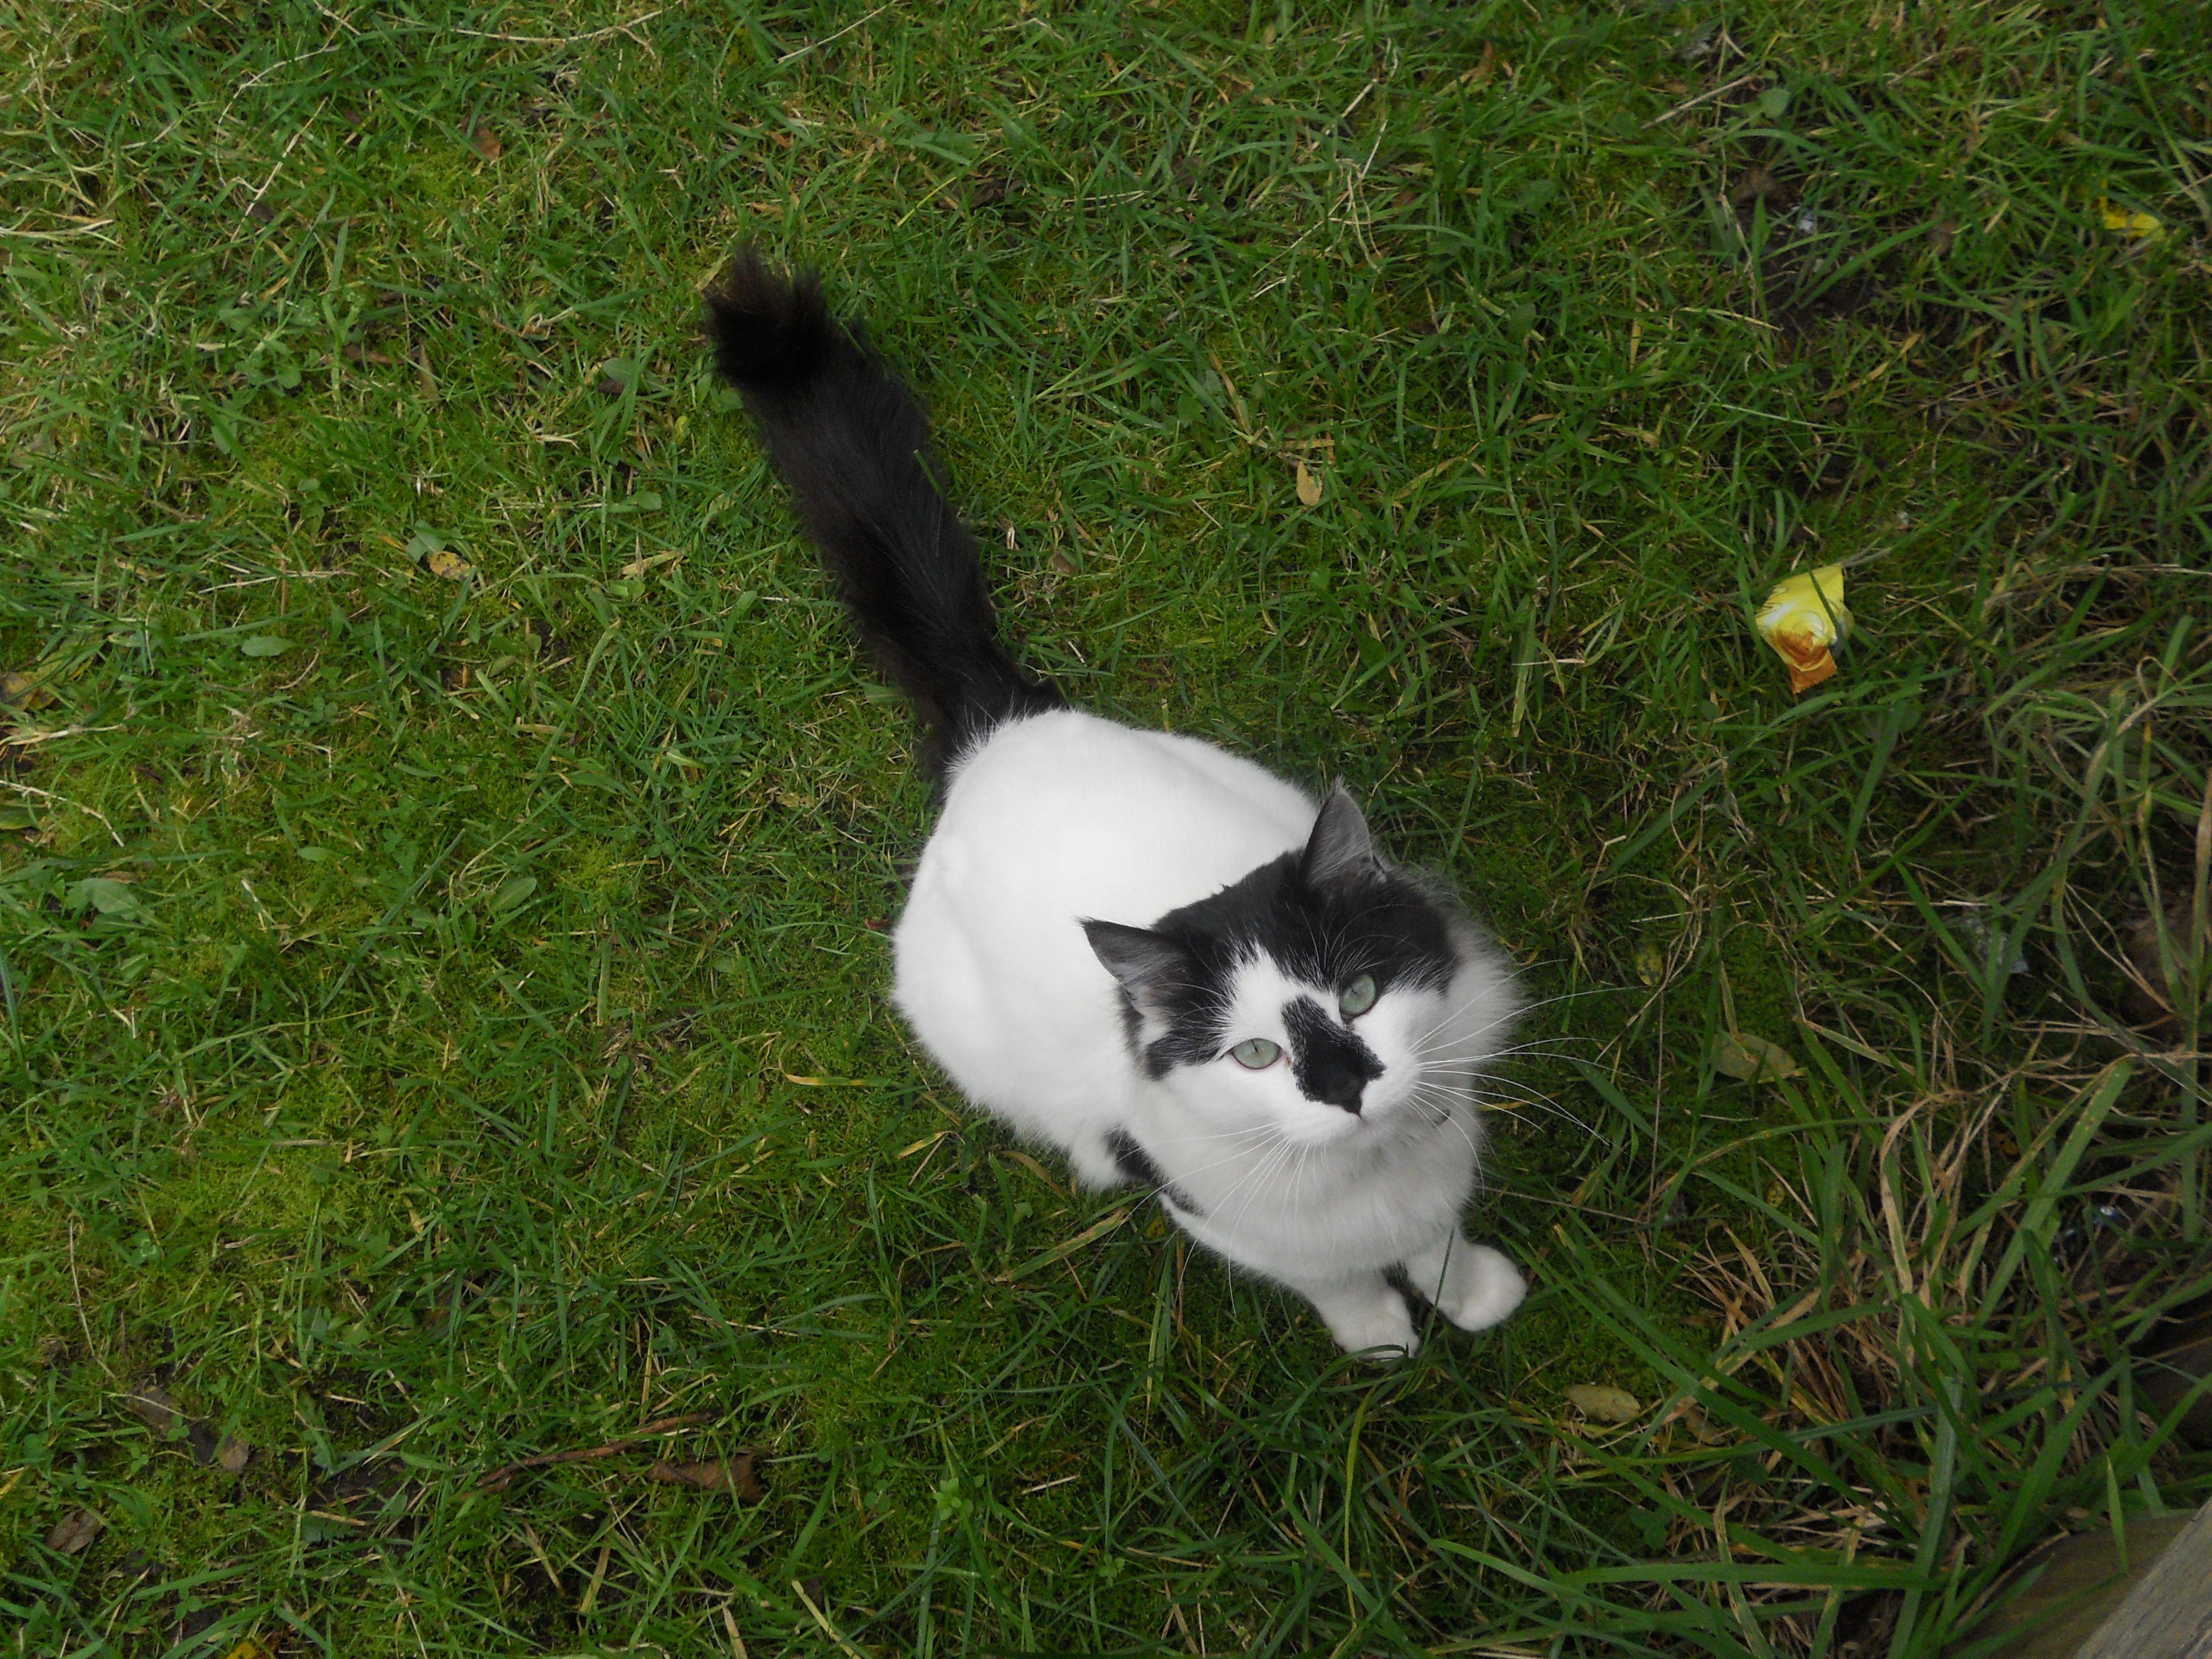 gatito en tenaùn, chiloe